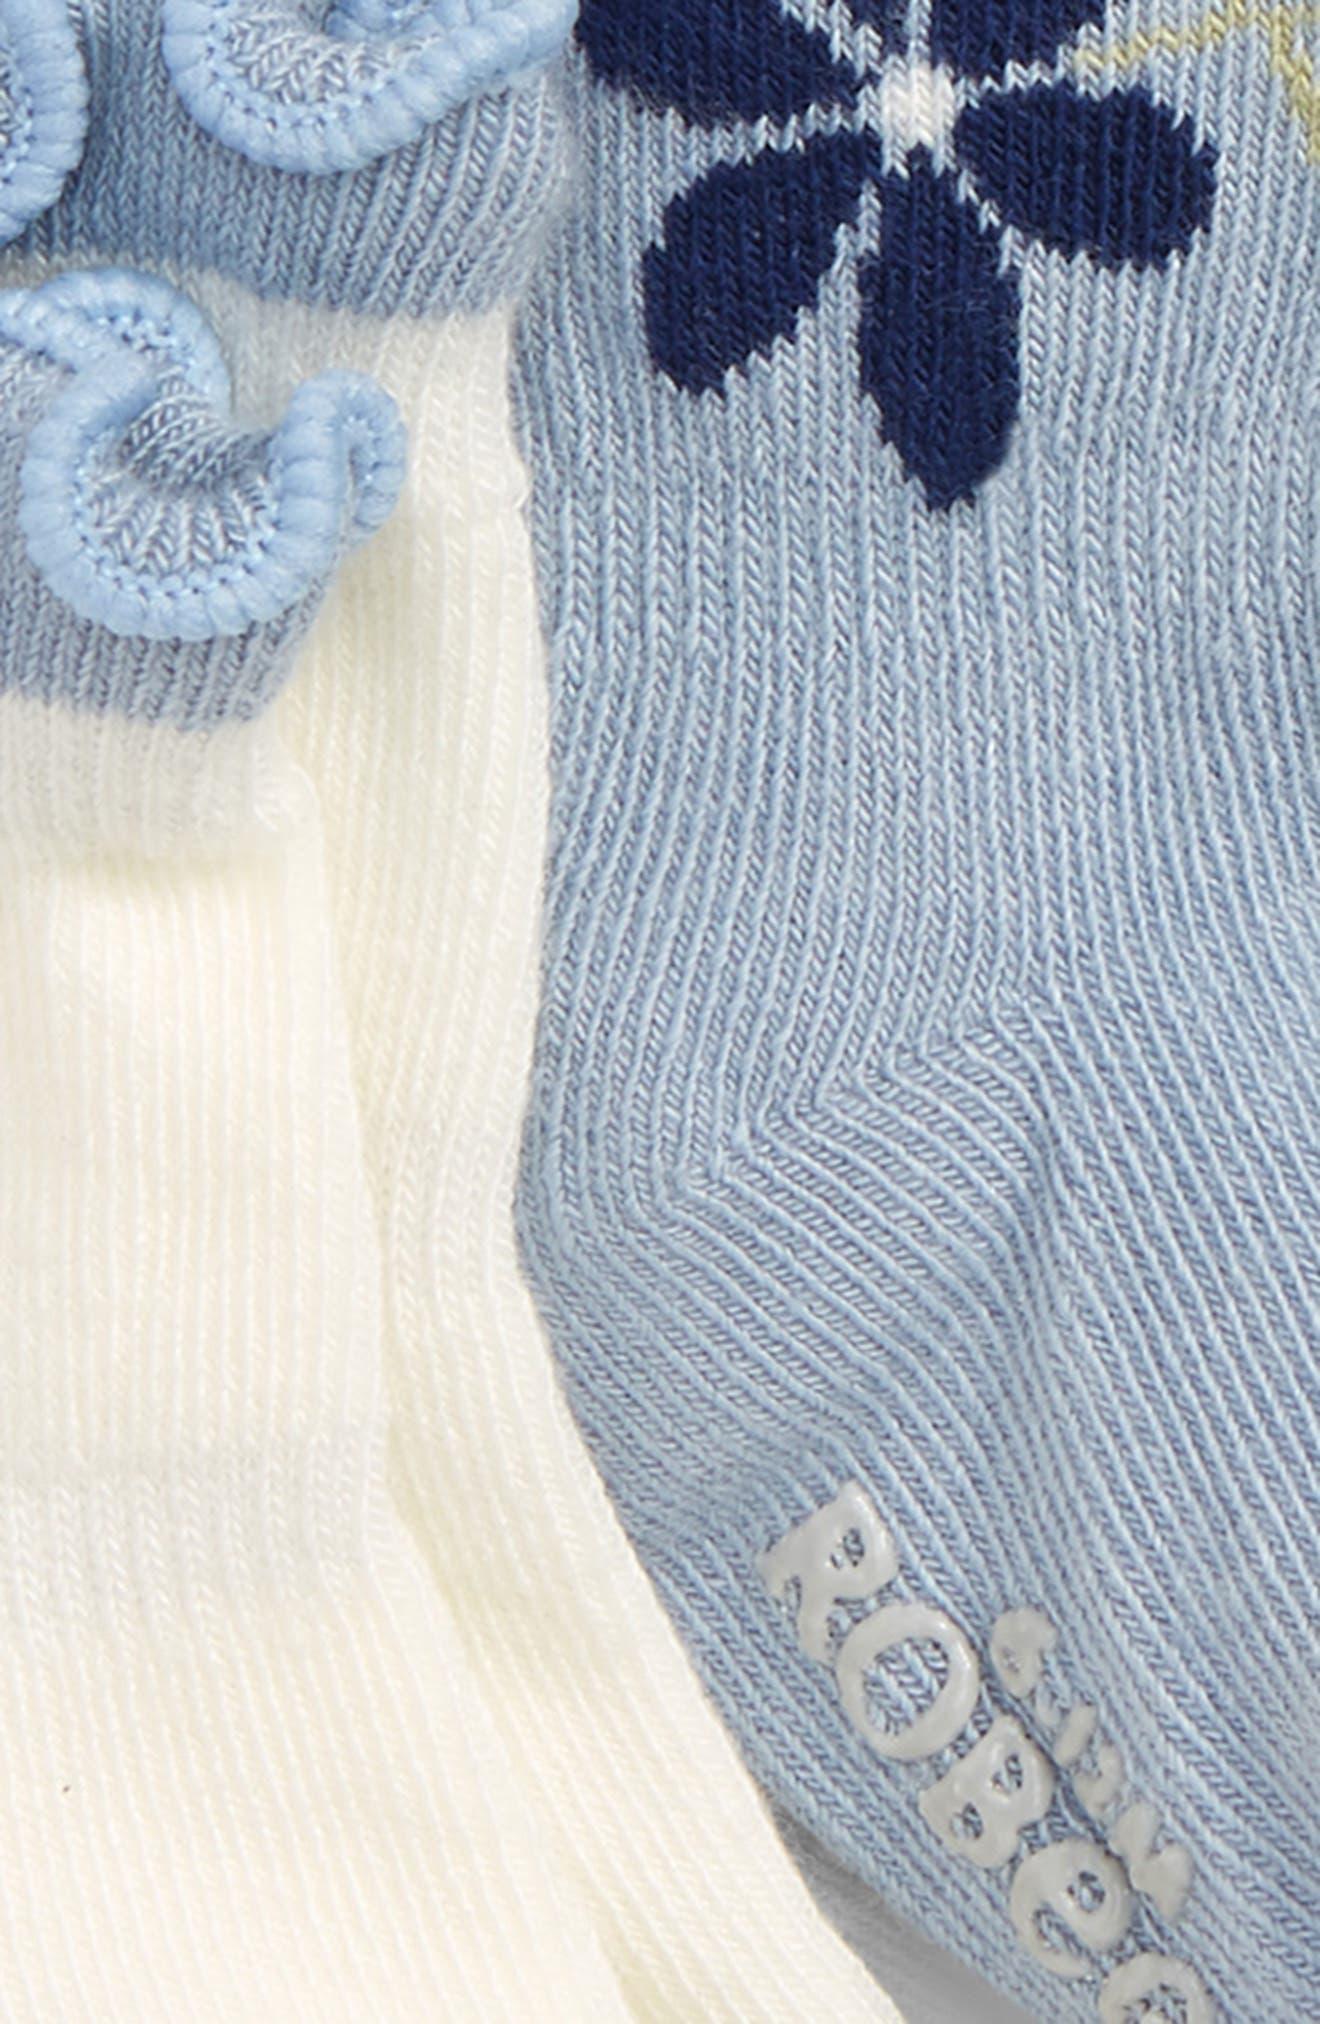 Pretty in Blue 3-Pack Ankle Socks,                             Alternate thumbnail 2, color,                             CREAM/ LIGHT BLUE